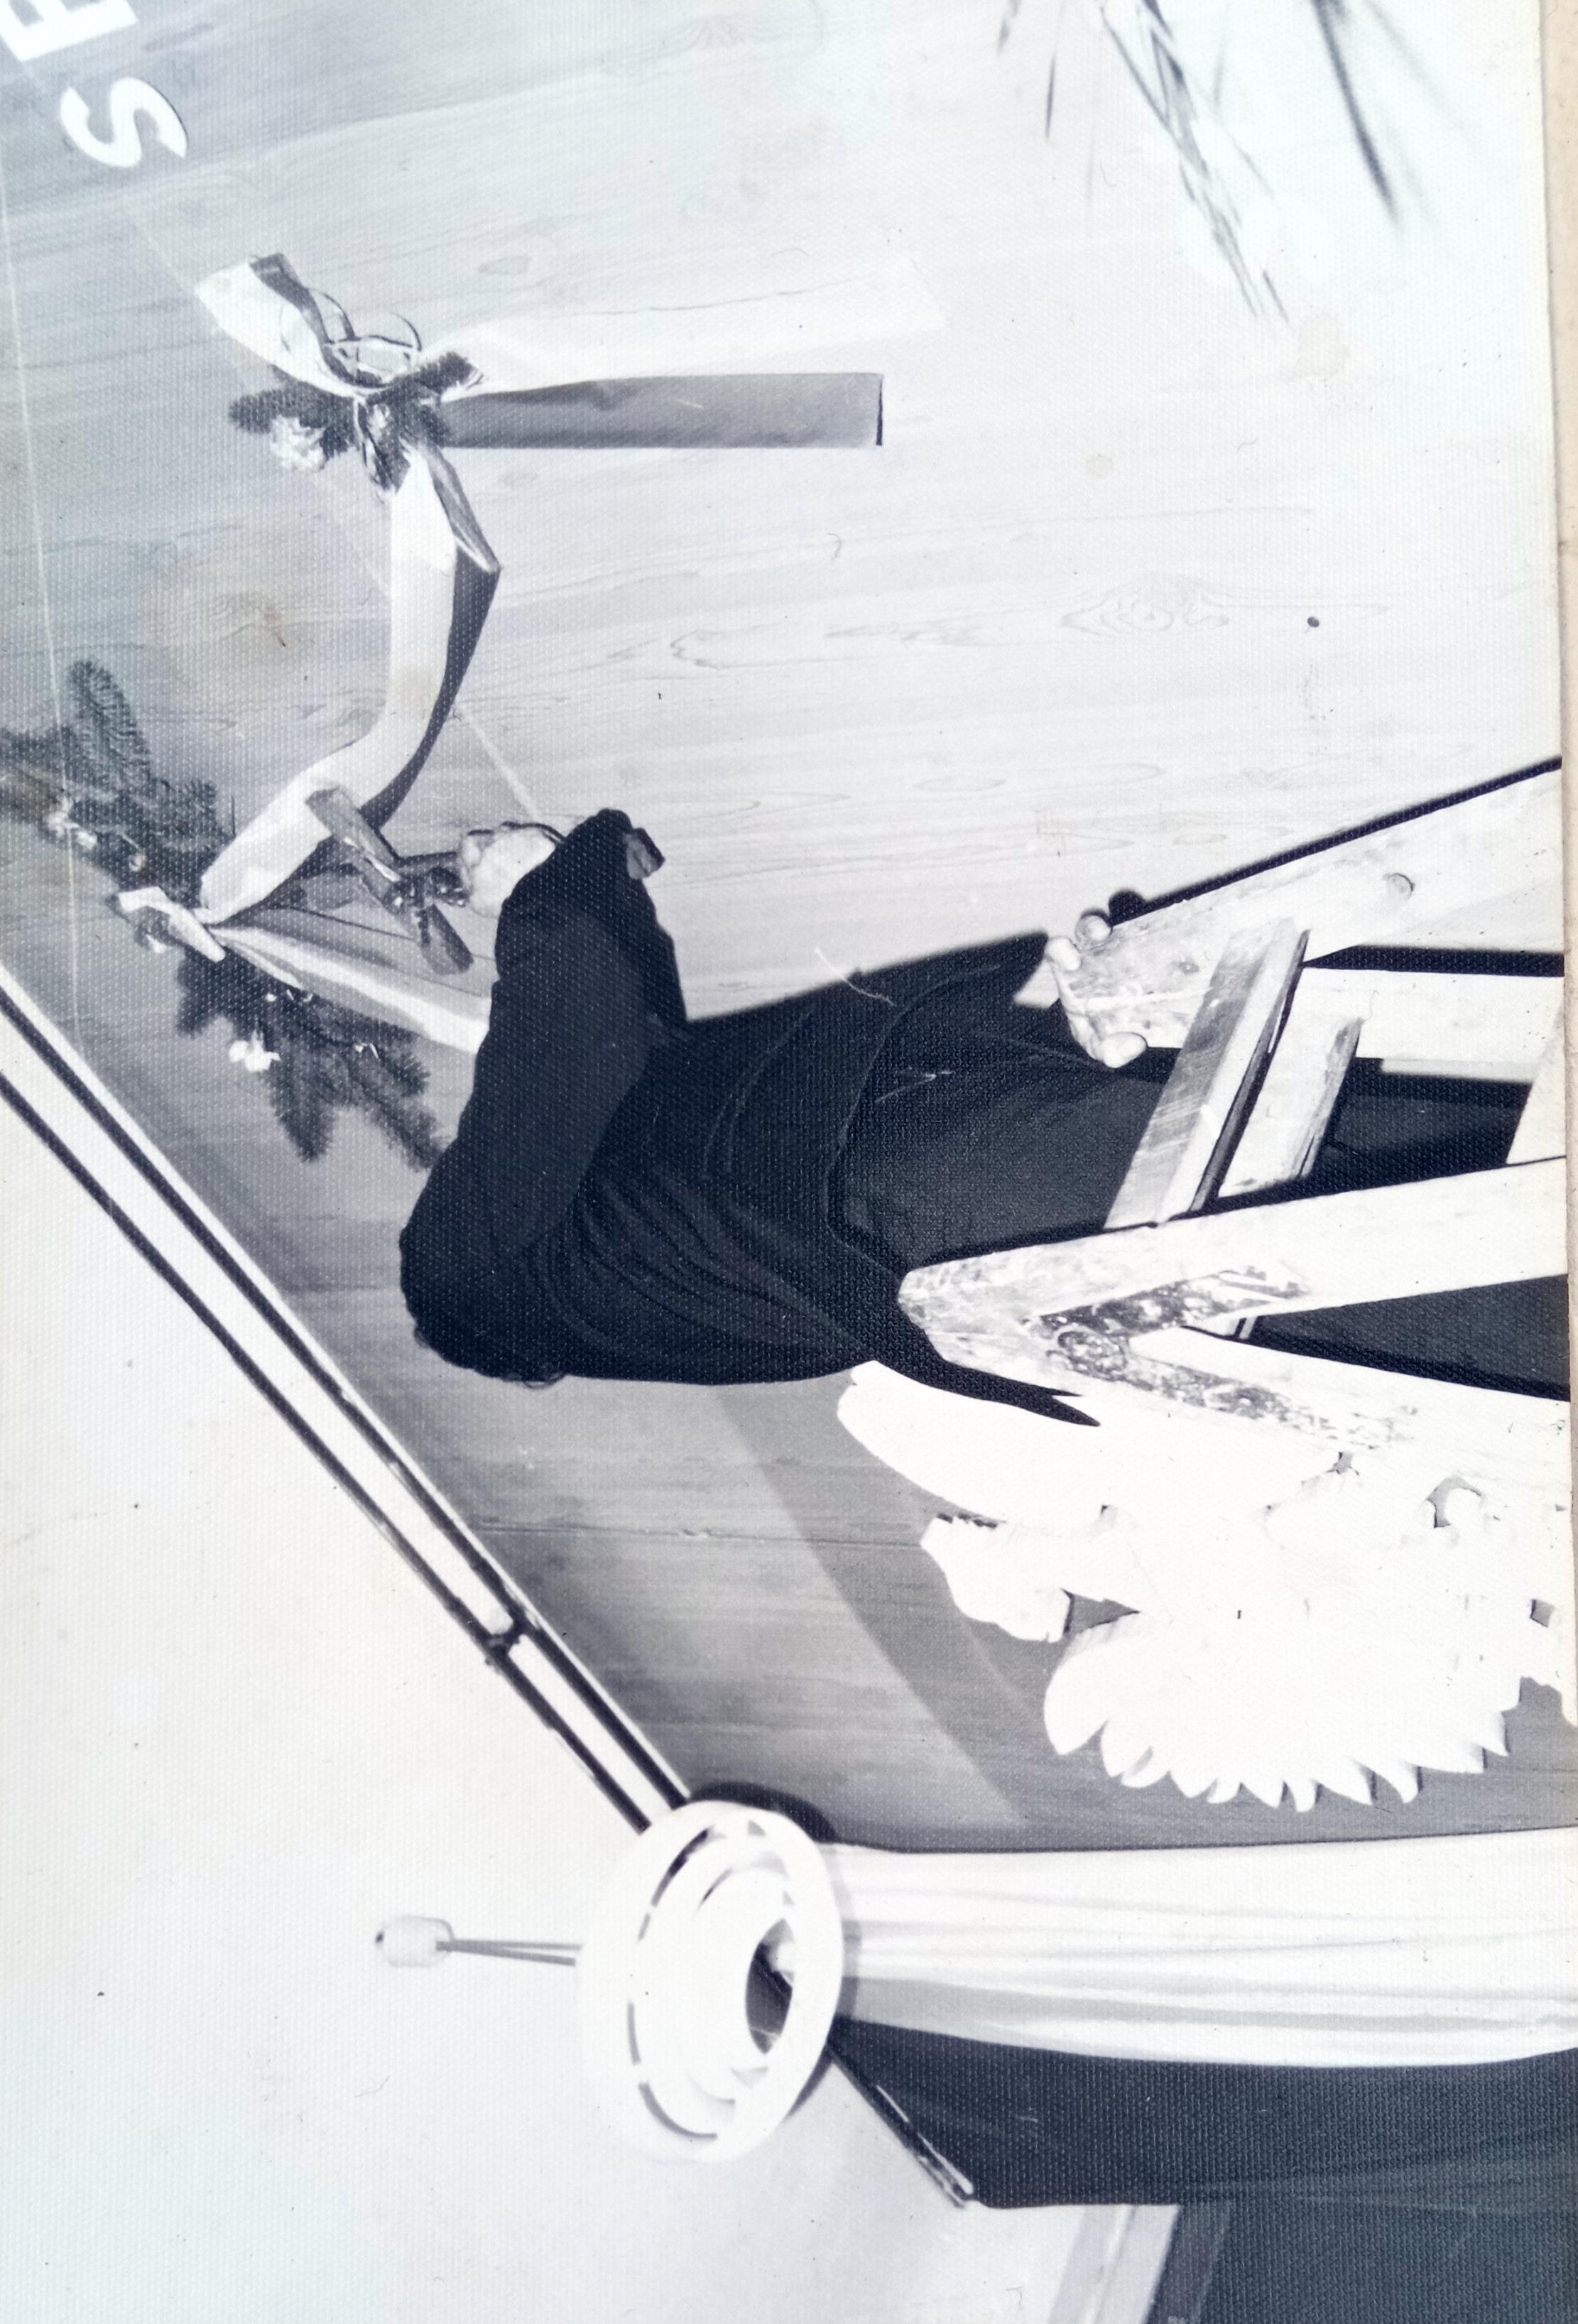 ŁUKÓW. 40-lat temu w świetlicy Mleczarni zawisł Krzyż. (WIDEO) - Zdjęcie główne